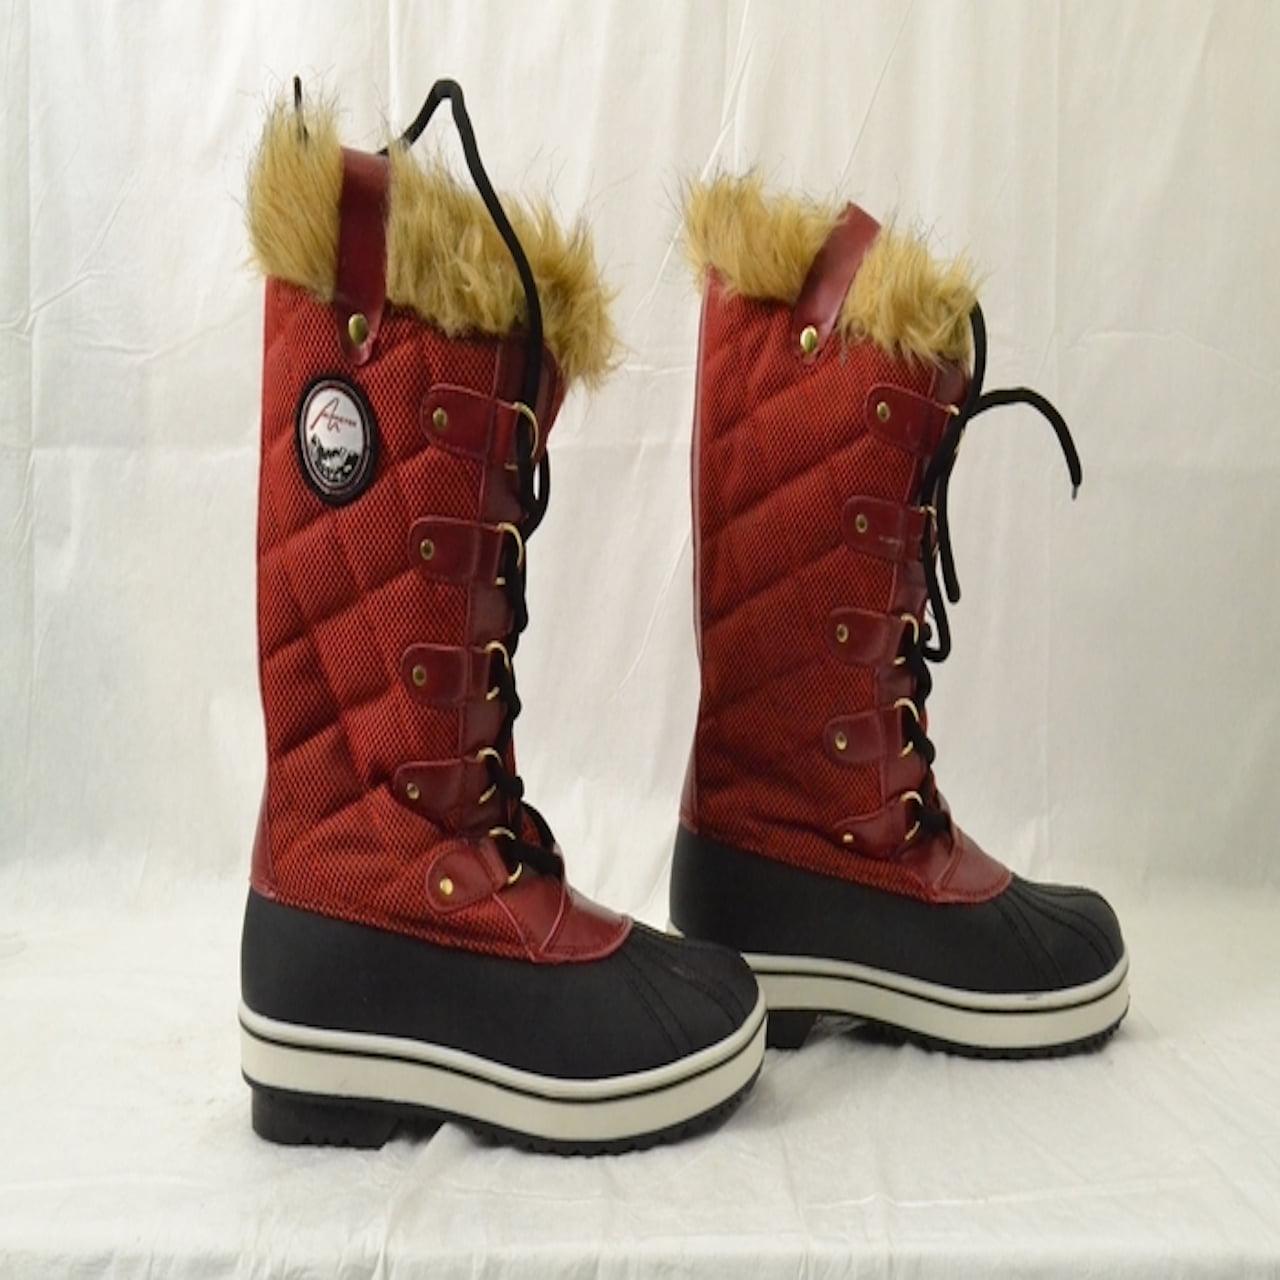 Waterproof Winter Snow Boots